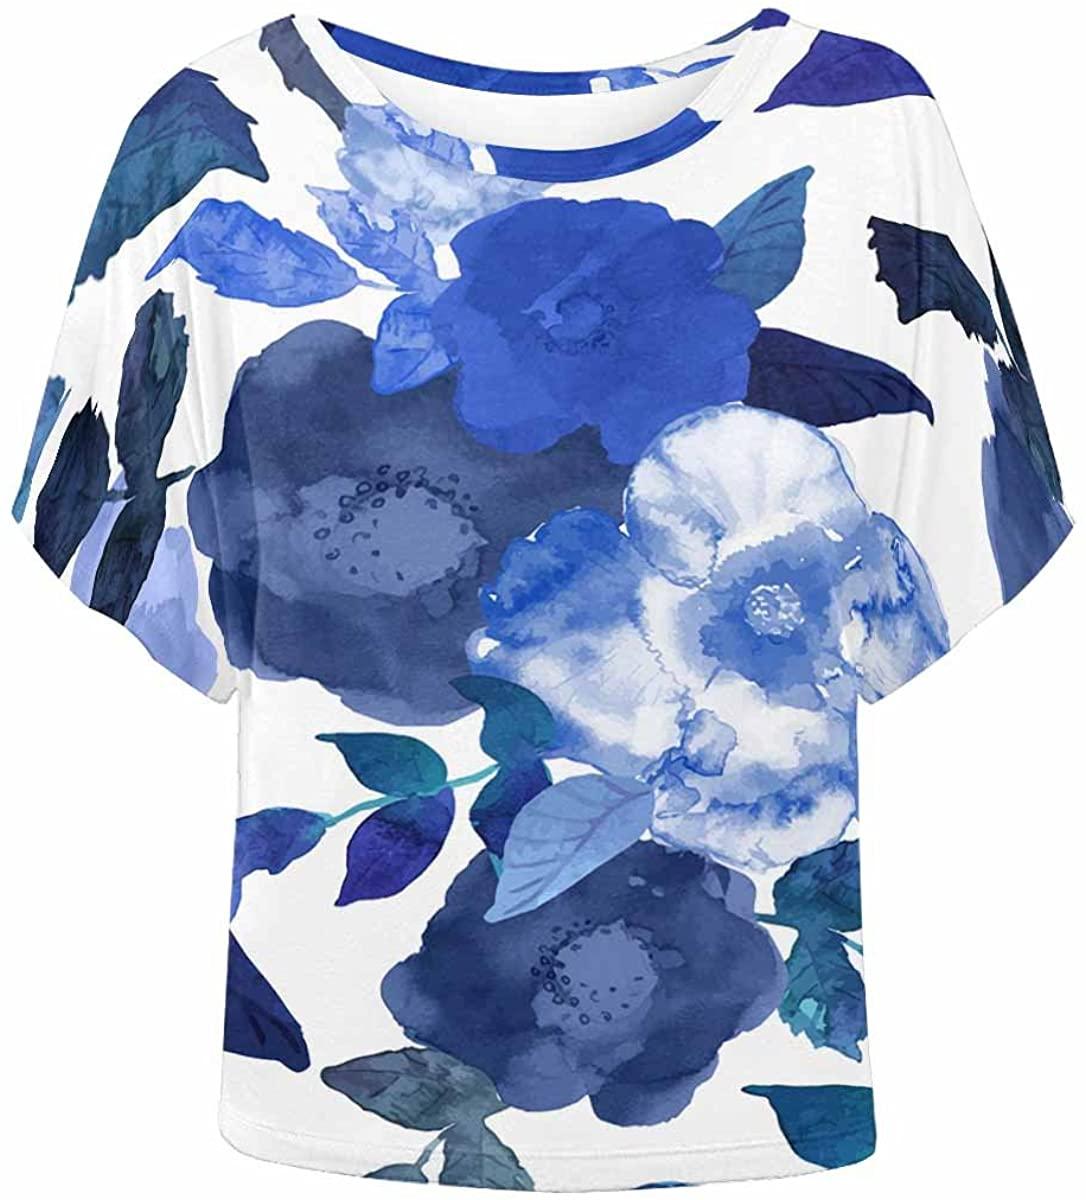 INTERESTPRINT Women Batwing Shirt Summer Casual T Shirt Blouse